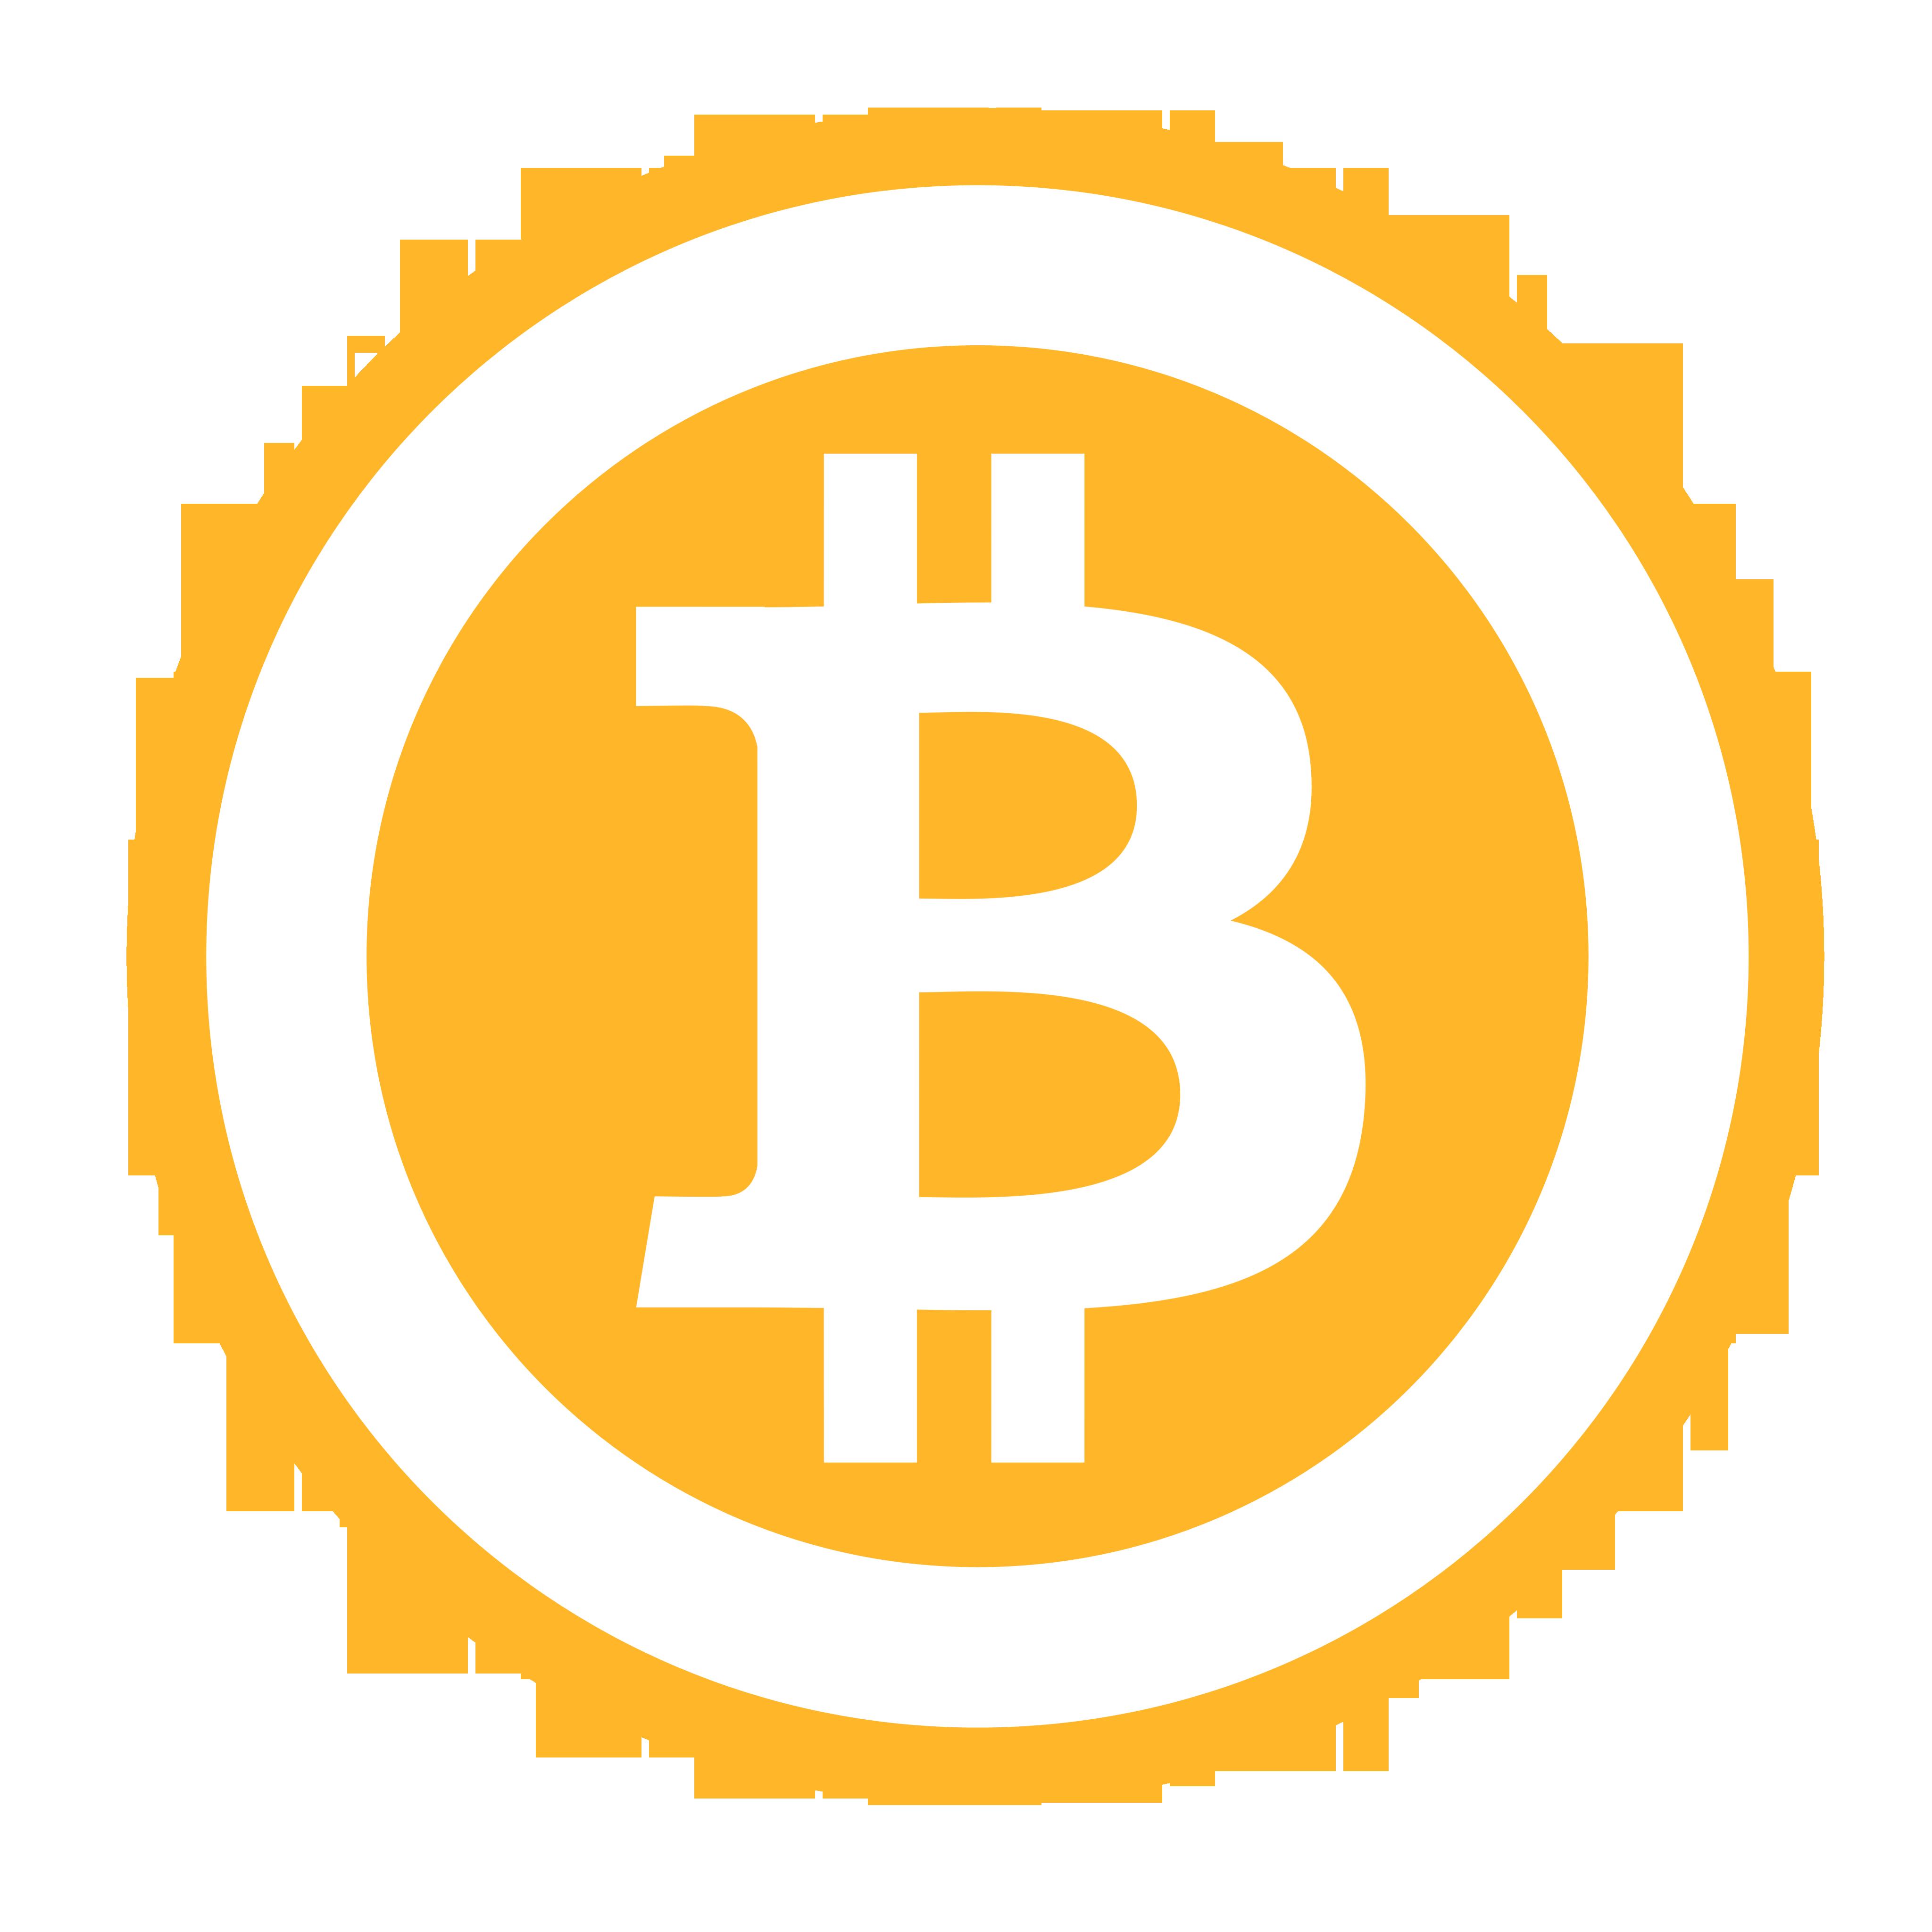 bitcoin logotipas png